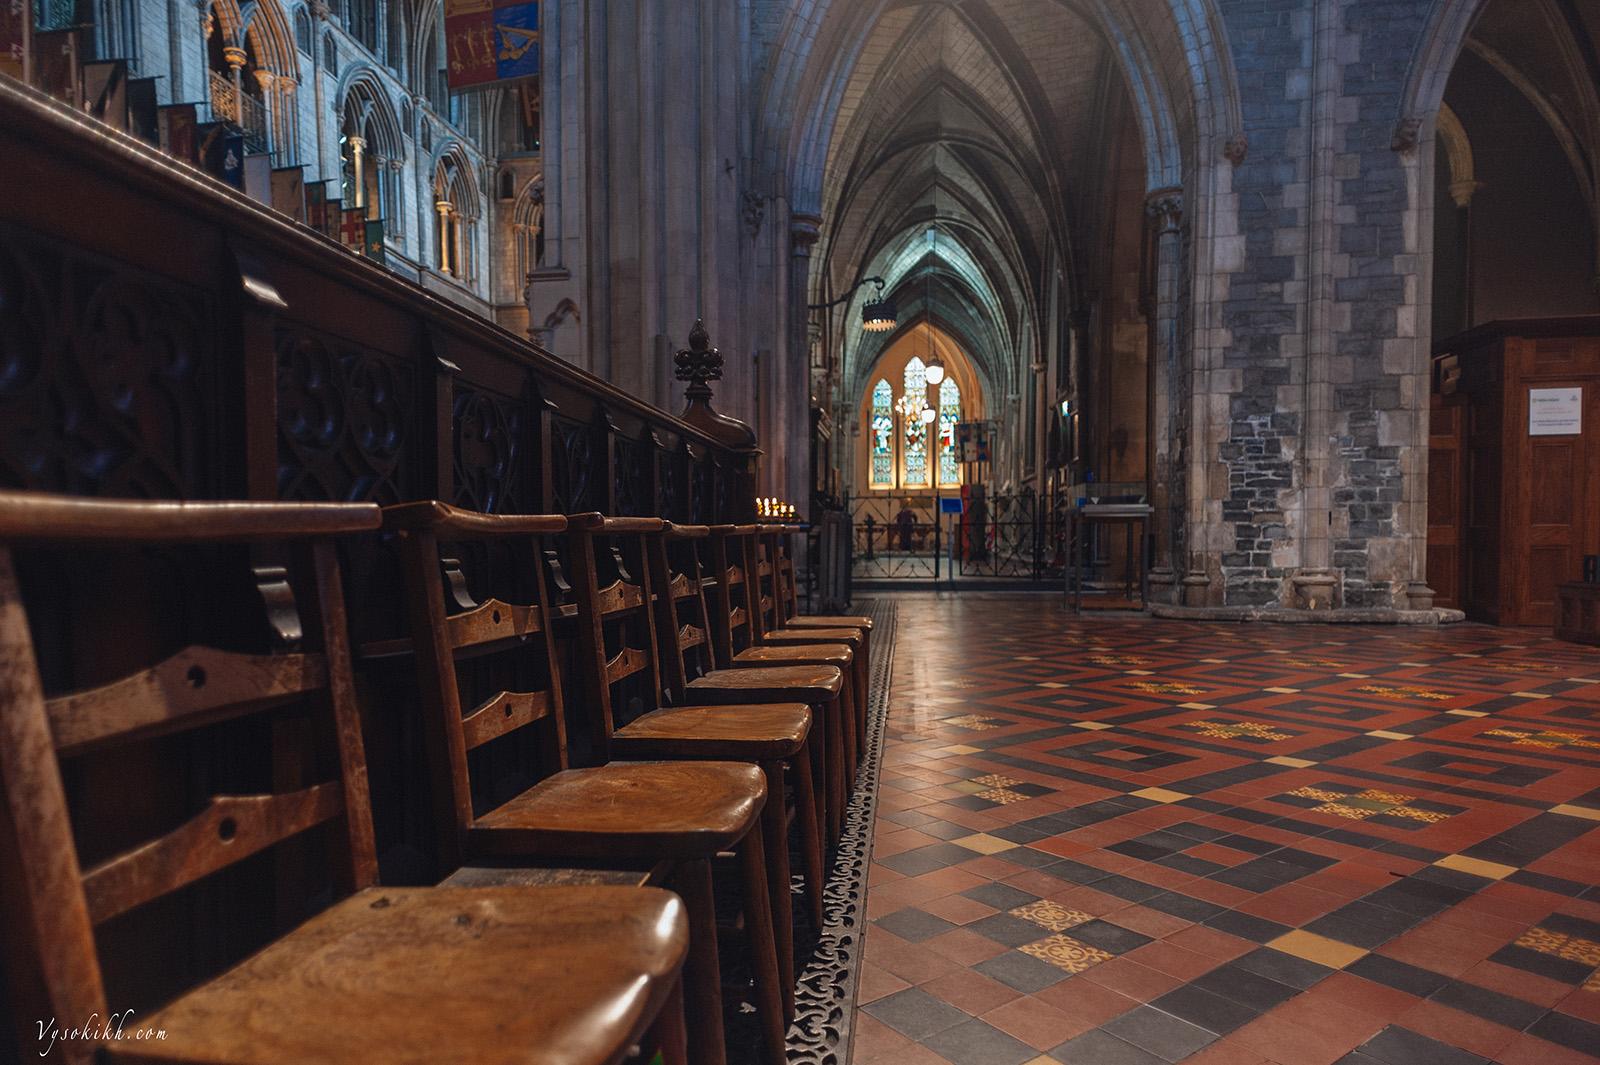 Saint Patrick's Cathedral (Árd Eaglais Naomh Pádraig) Собор Святого Патрика, интерьеры. В восемнадцатом веке здесь проводили посвящения в рыцари.